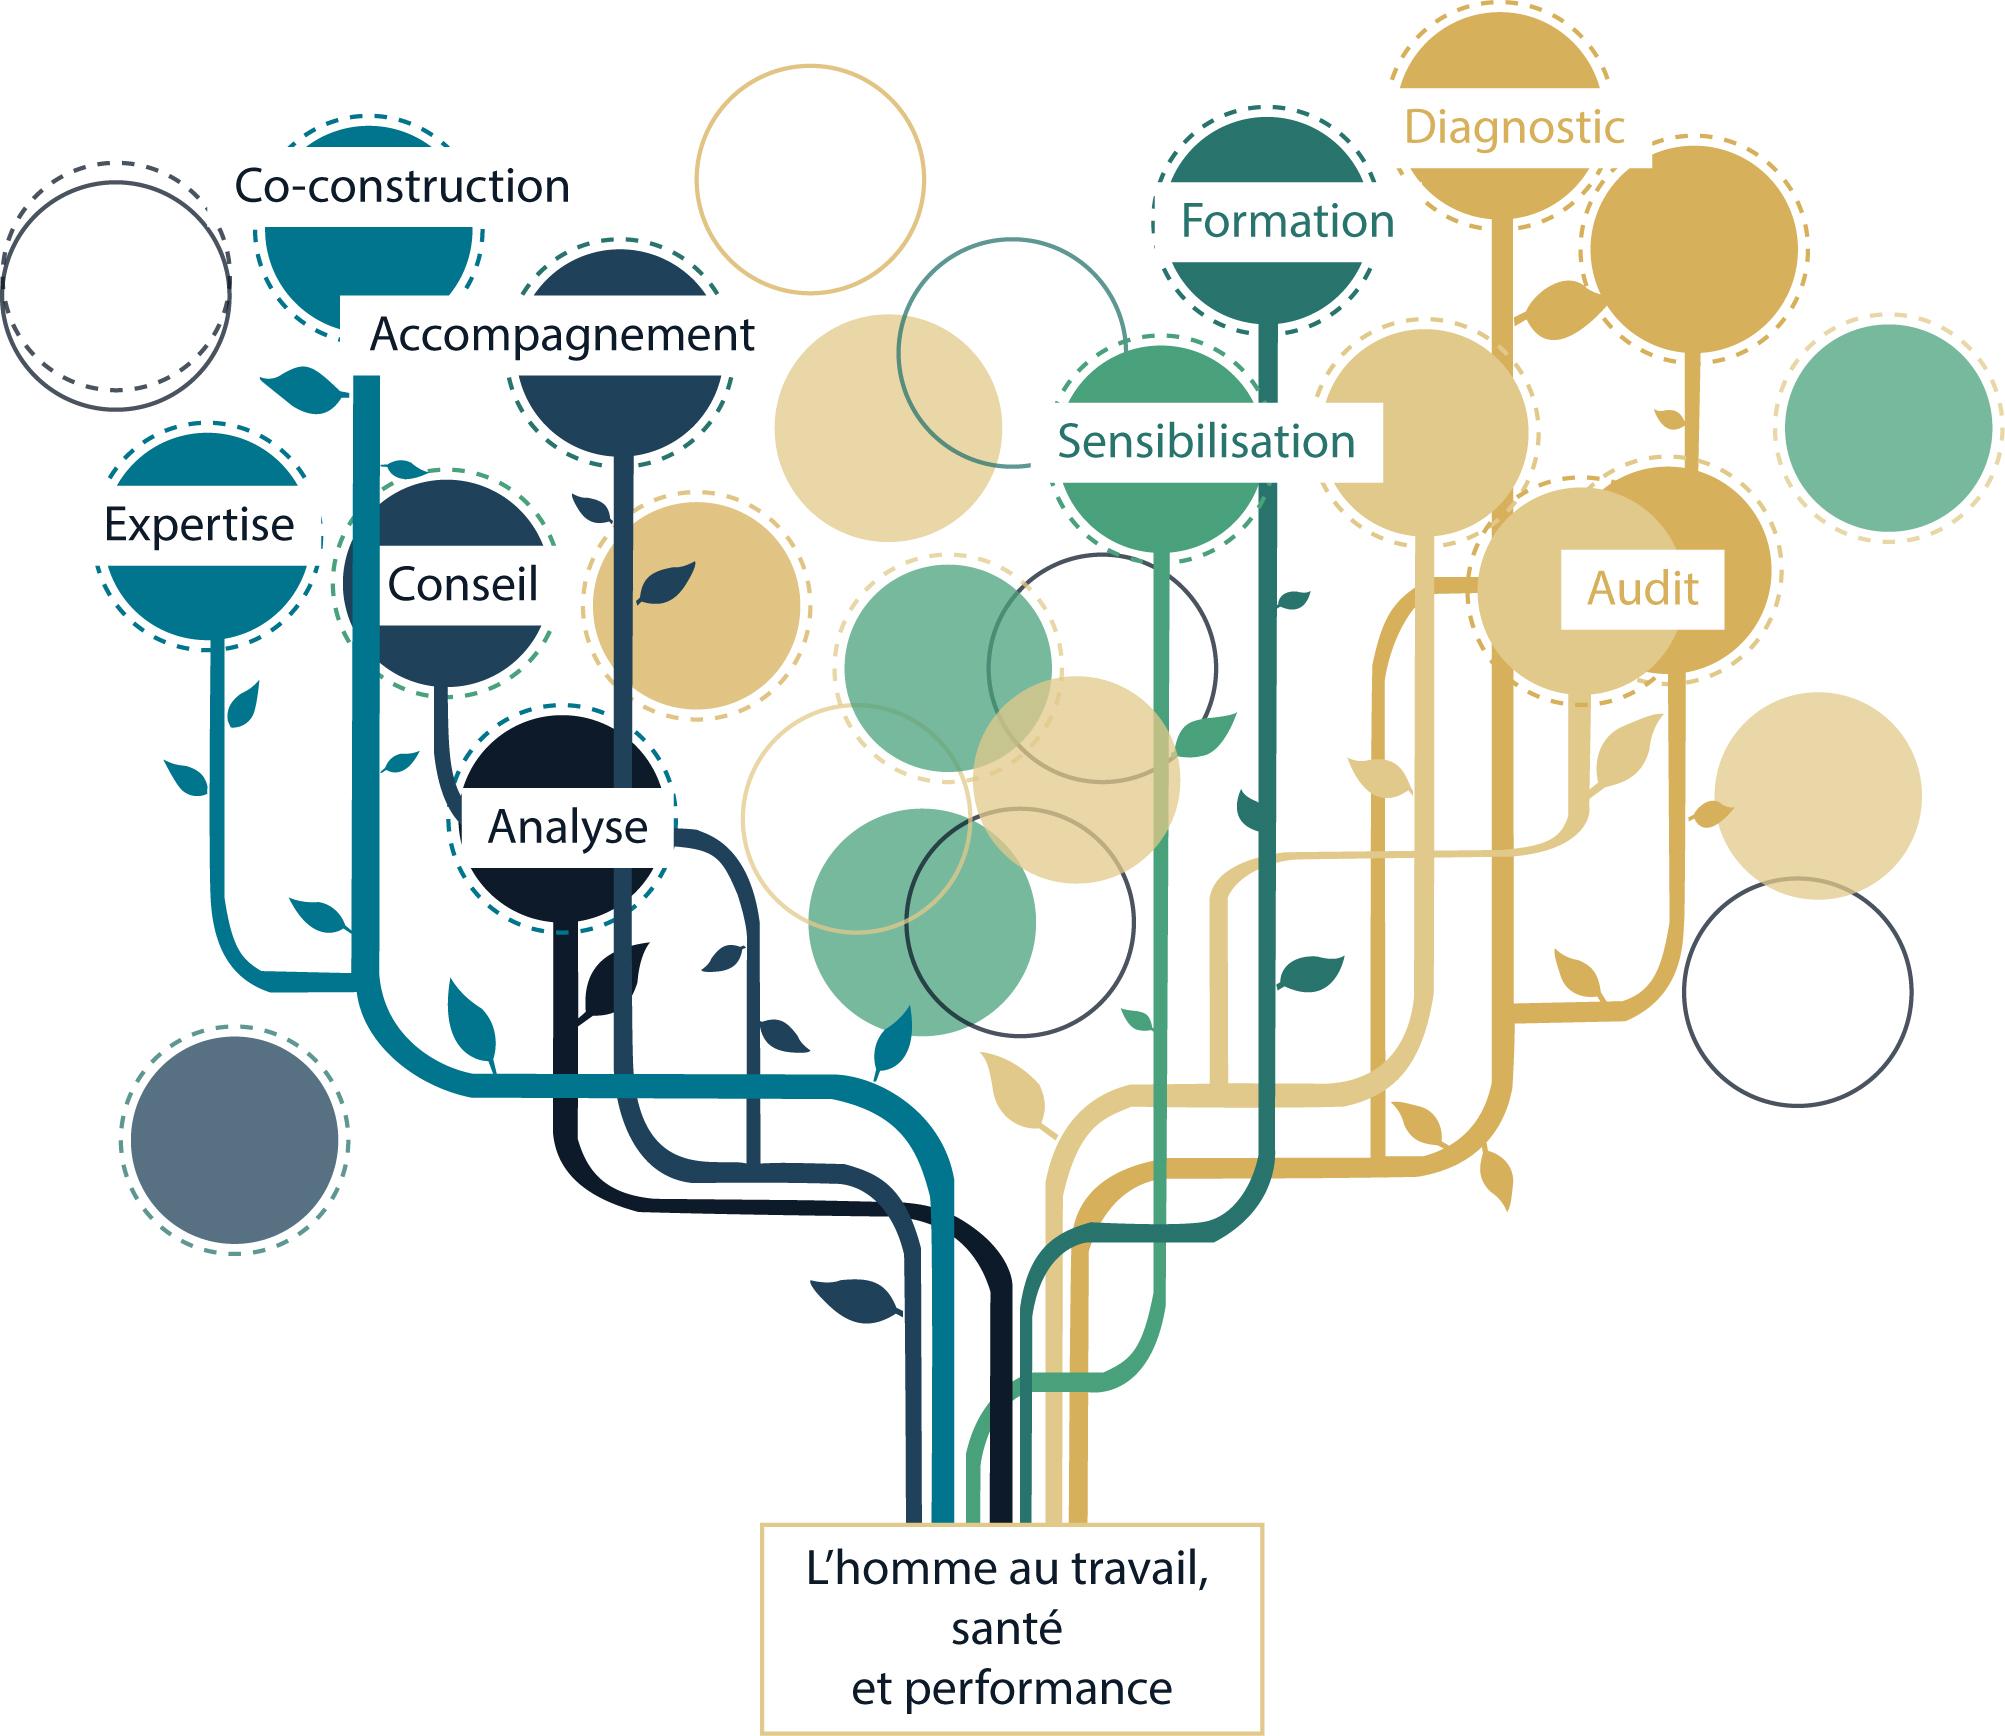 image d'un arbre de vie